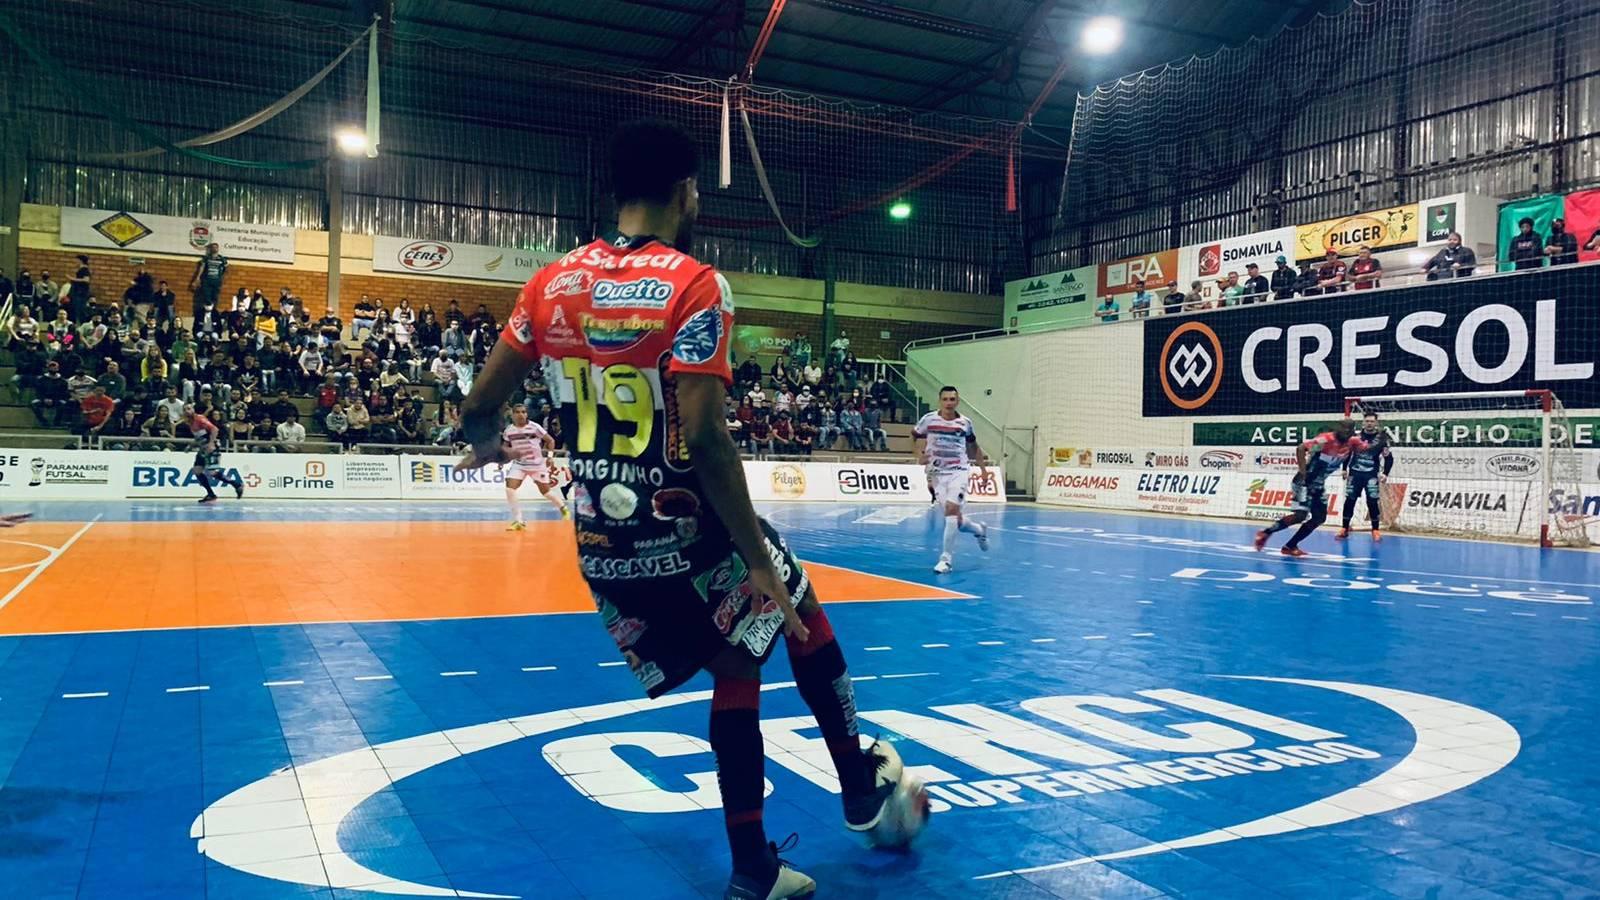 Cascavel Futsal vence Acel/Chopinzinho e terá a vantagem do empate para chegar até as semifinais